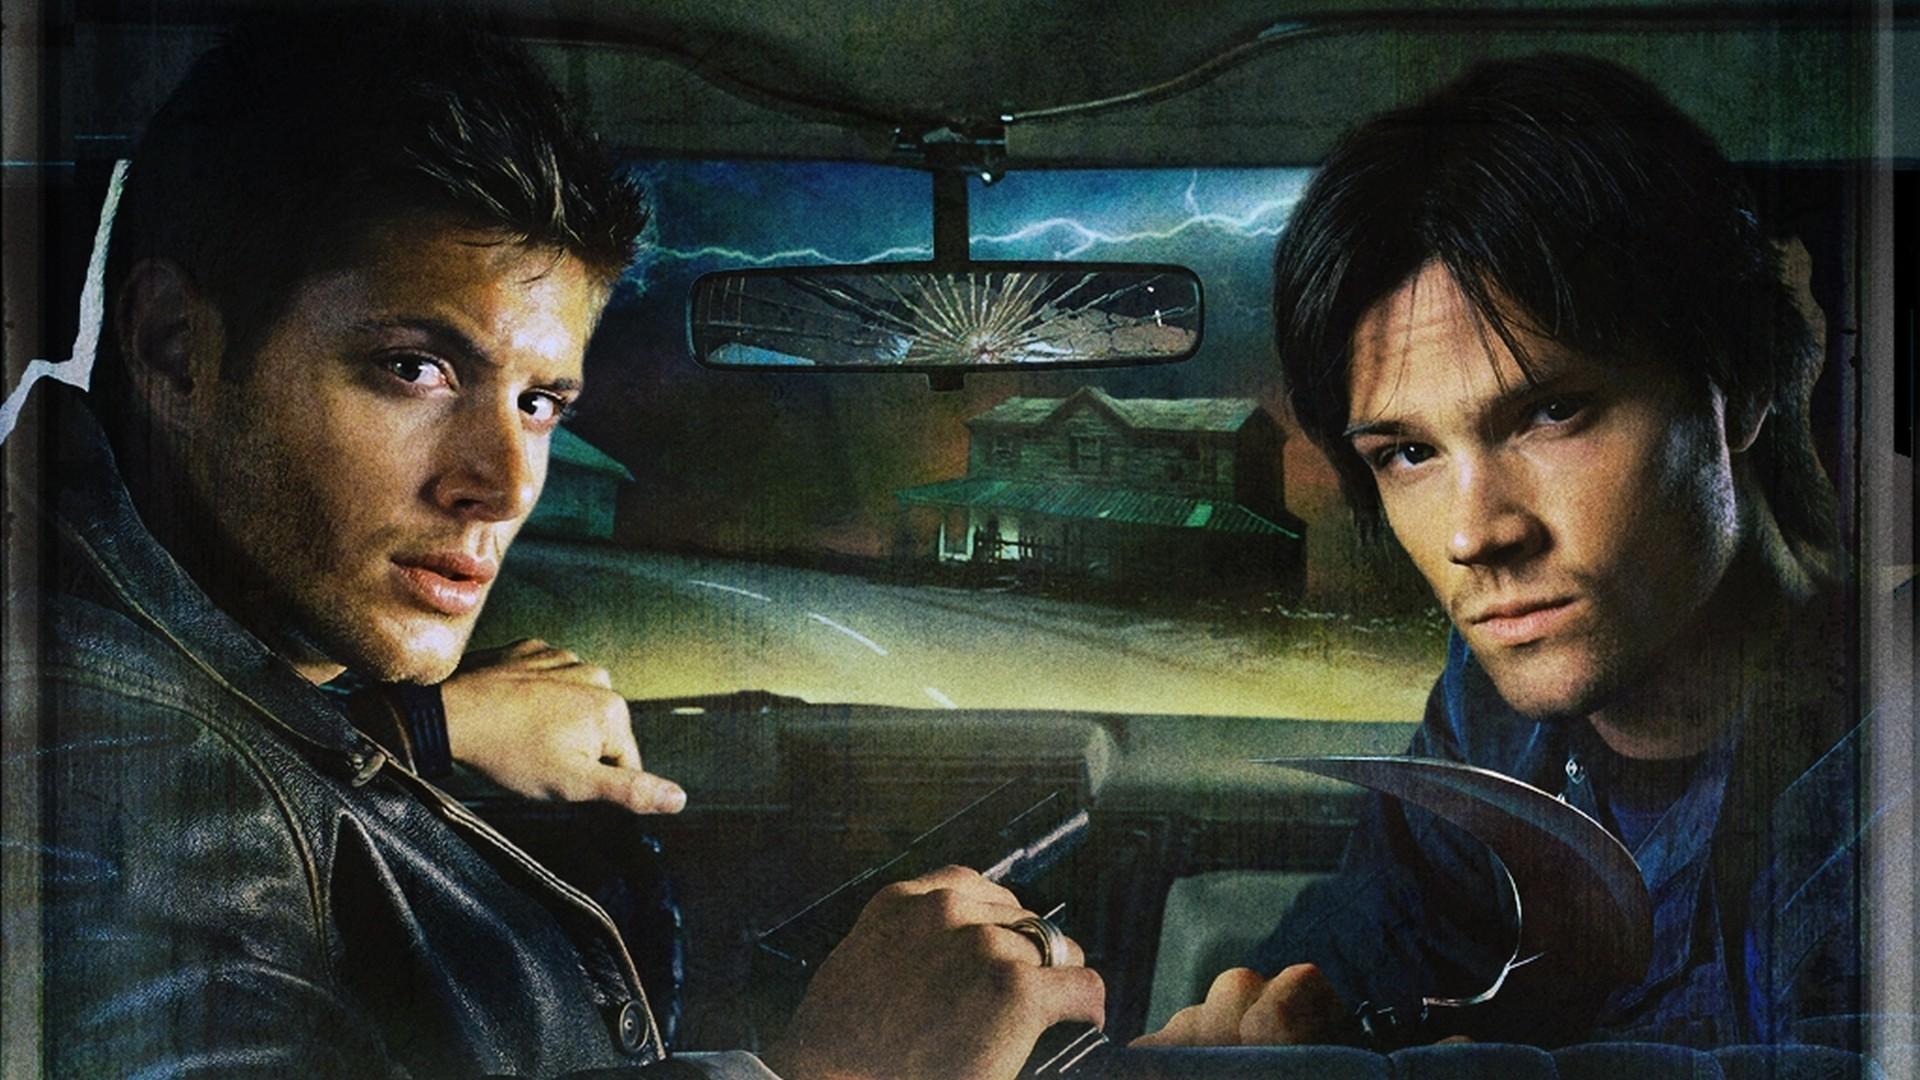 Brunettes Supernatural pistols cars scythe houses rings jackets knives  actors male lightning Jensen Ackles Jared Padalecki cottage Supernatural  (TV series) …